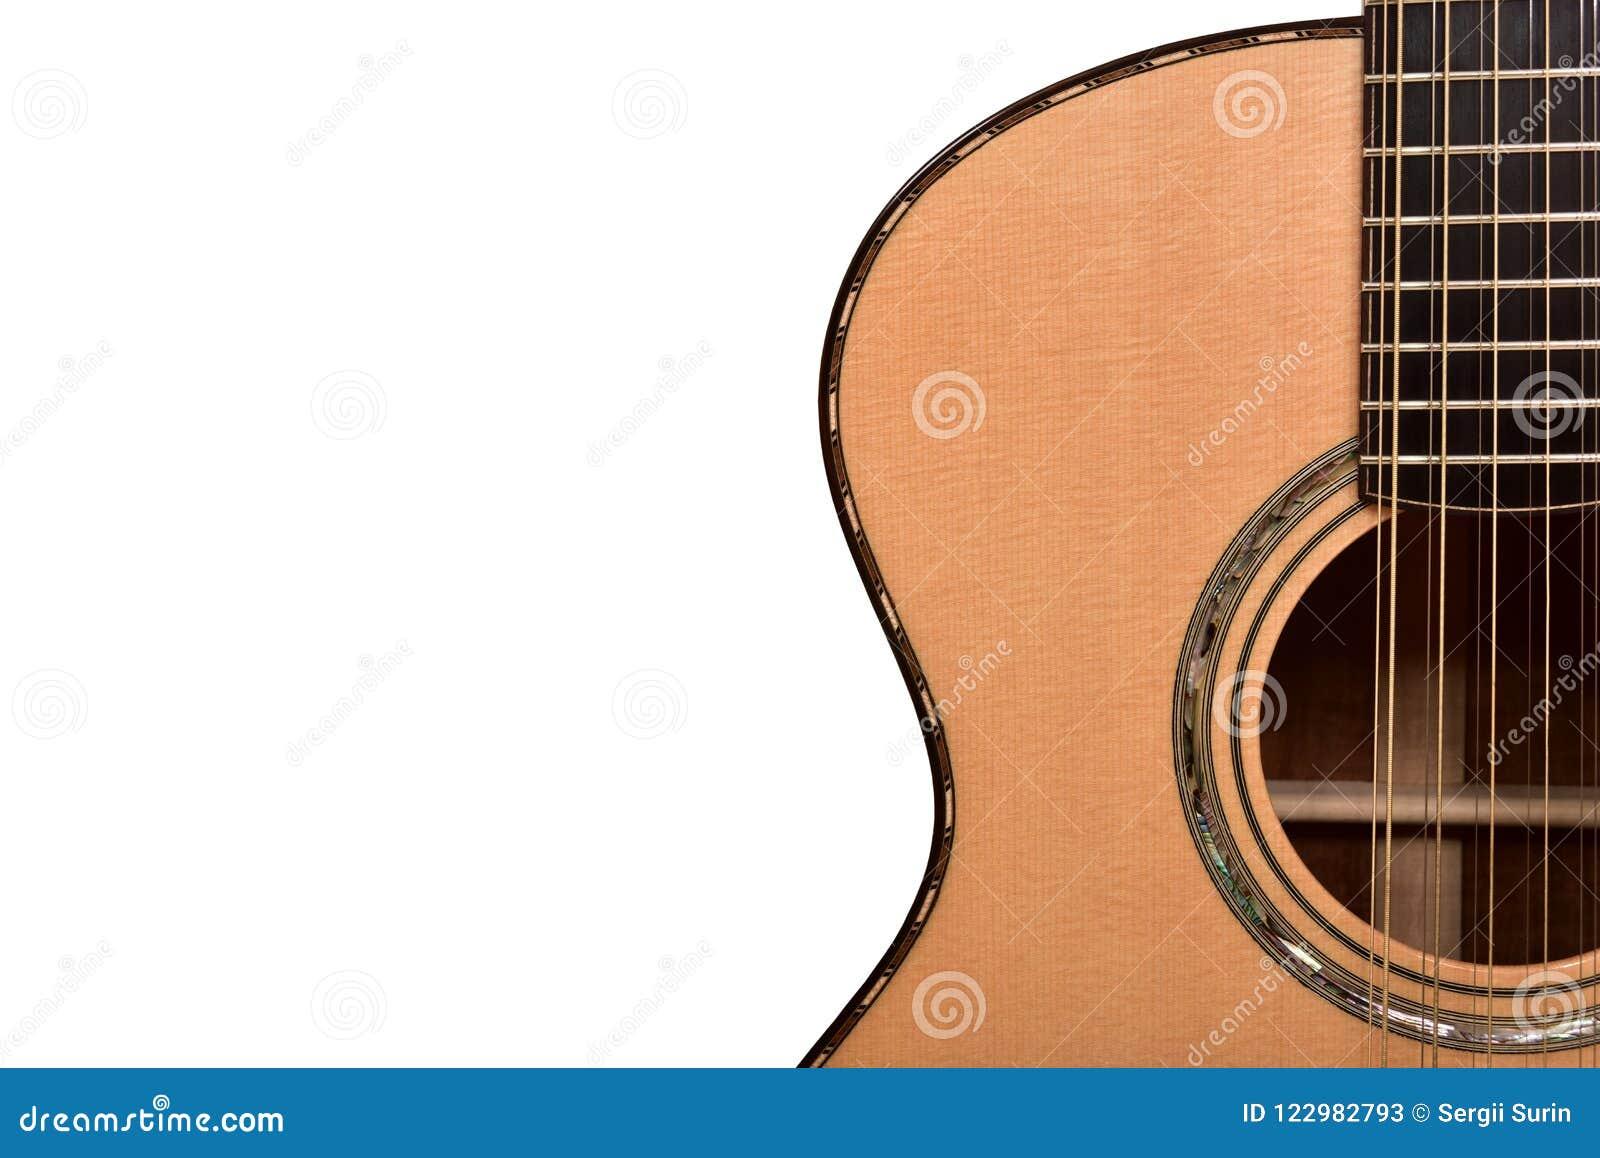 Del av rader för en akustisk gitarr tolv